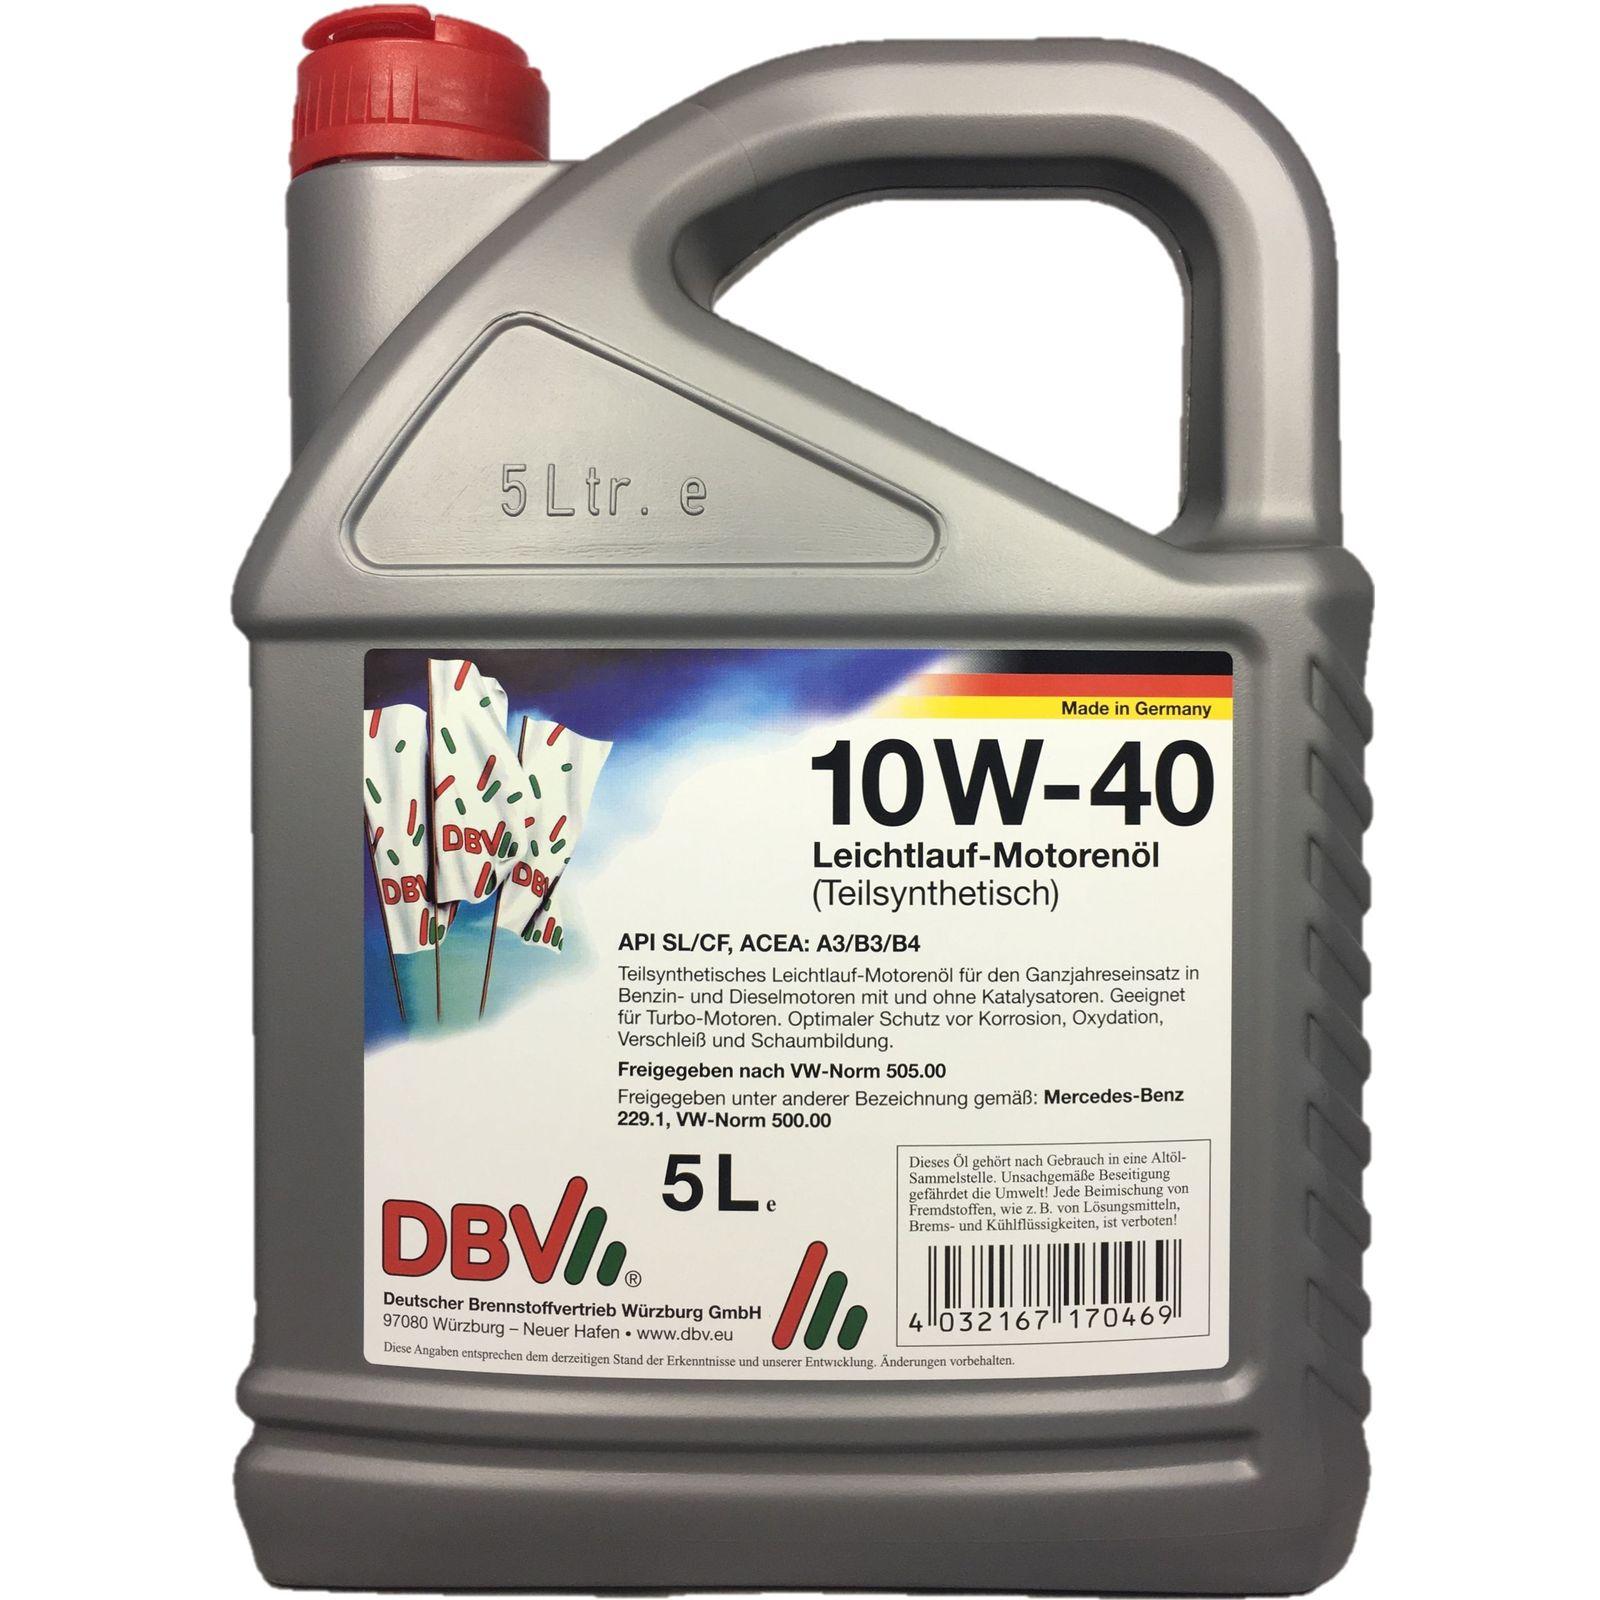 5 Liter DBV 10W-40 Leichtlauf-Motorenöl